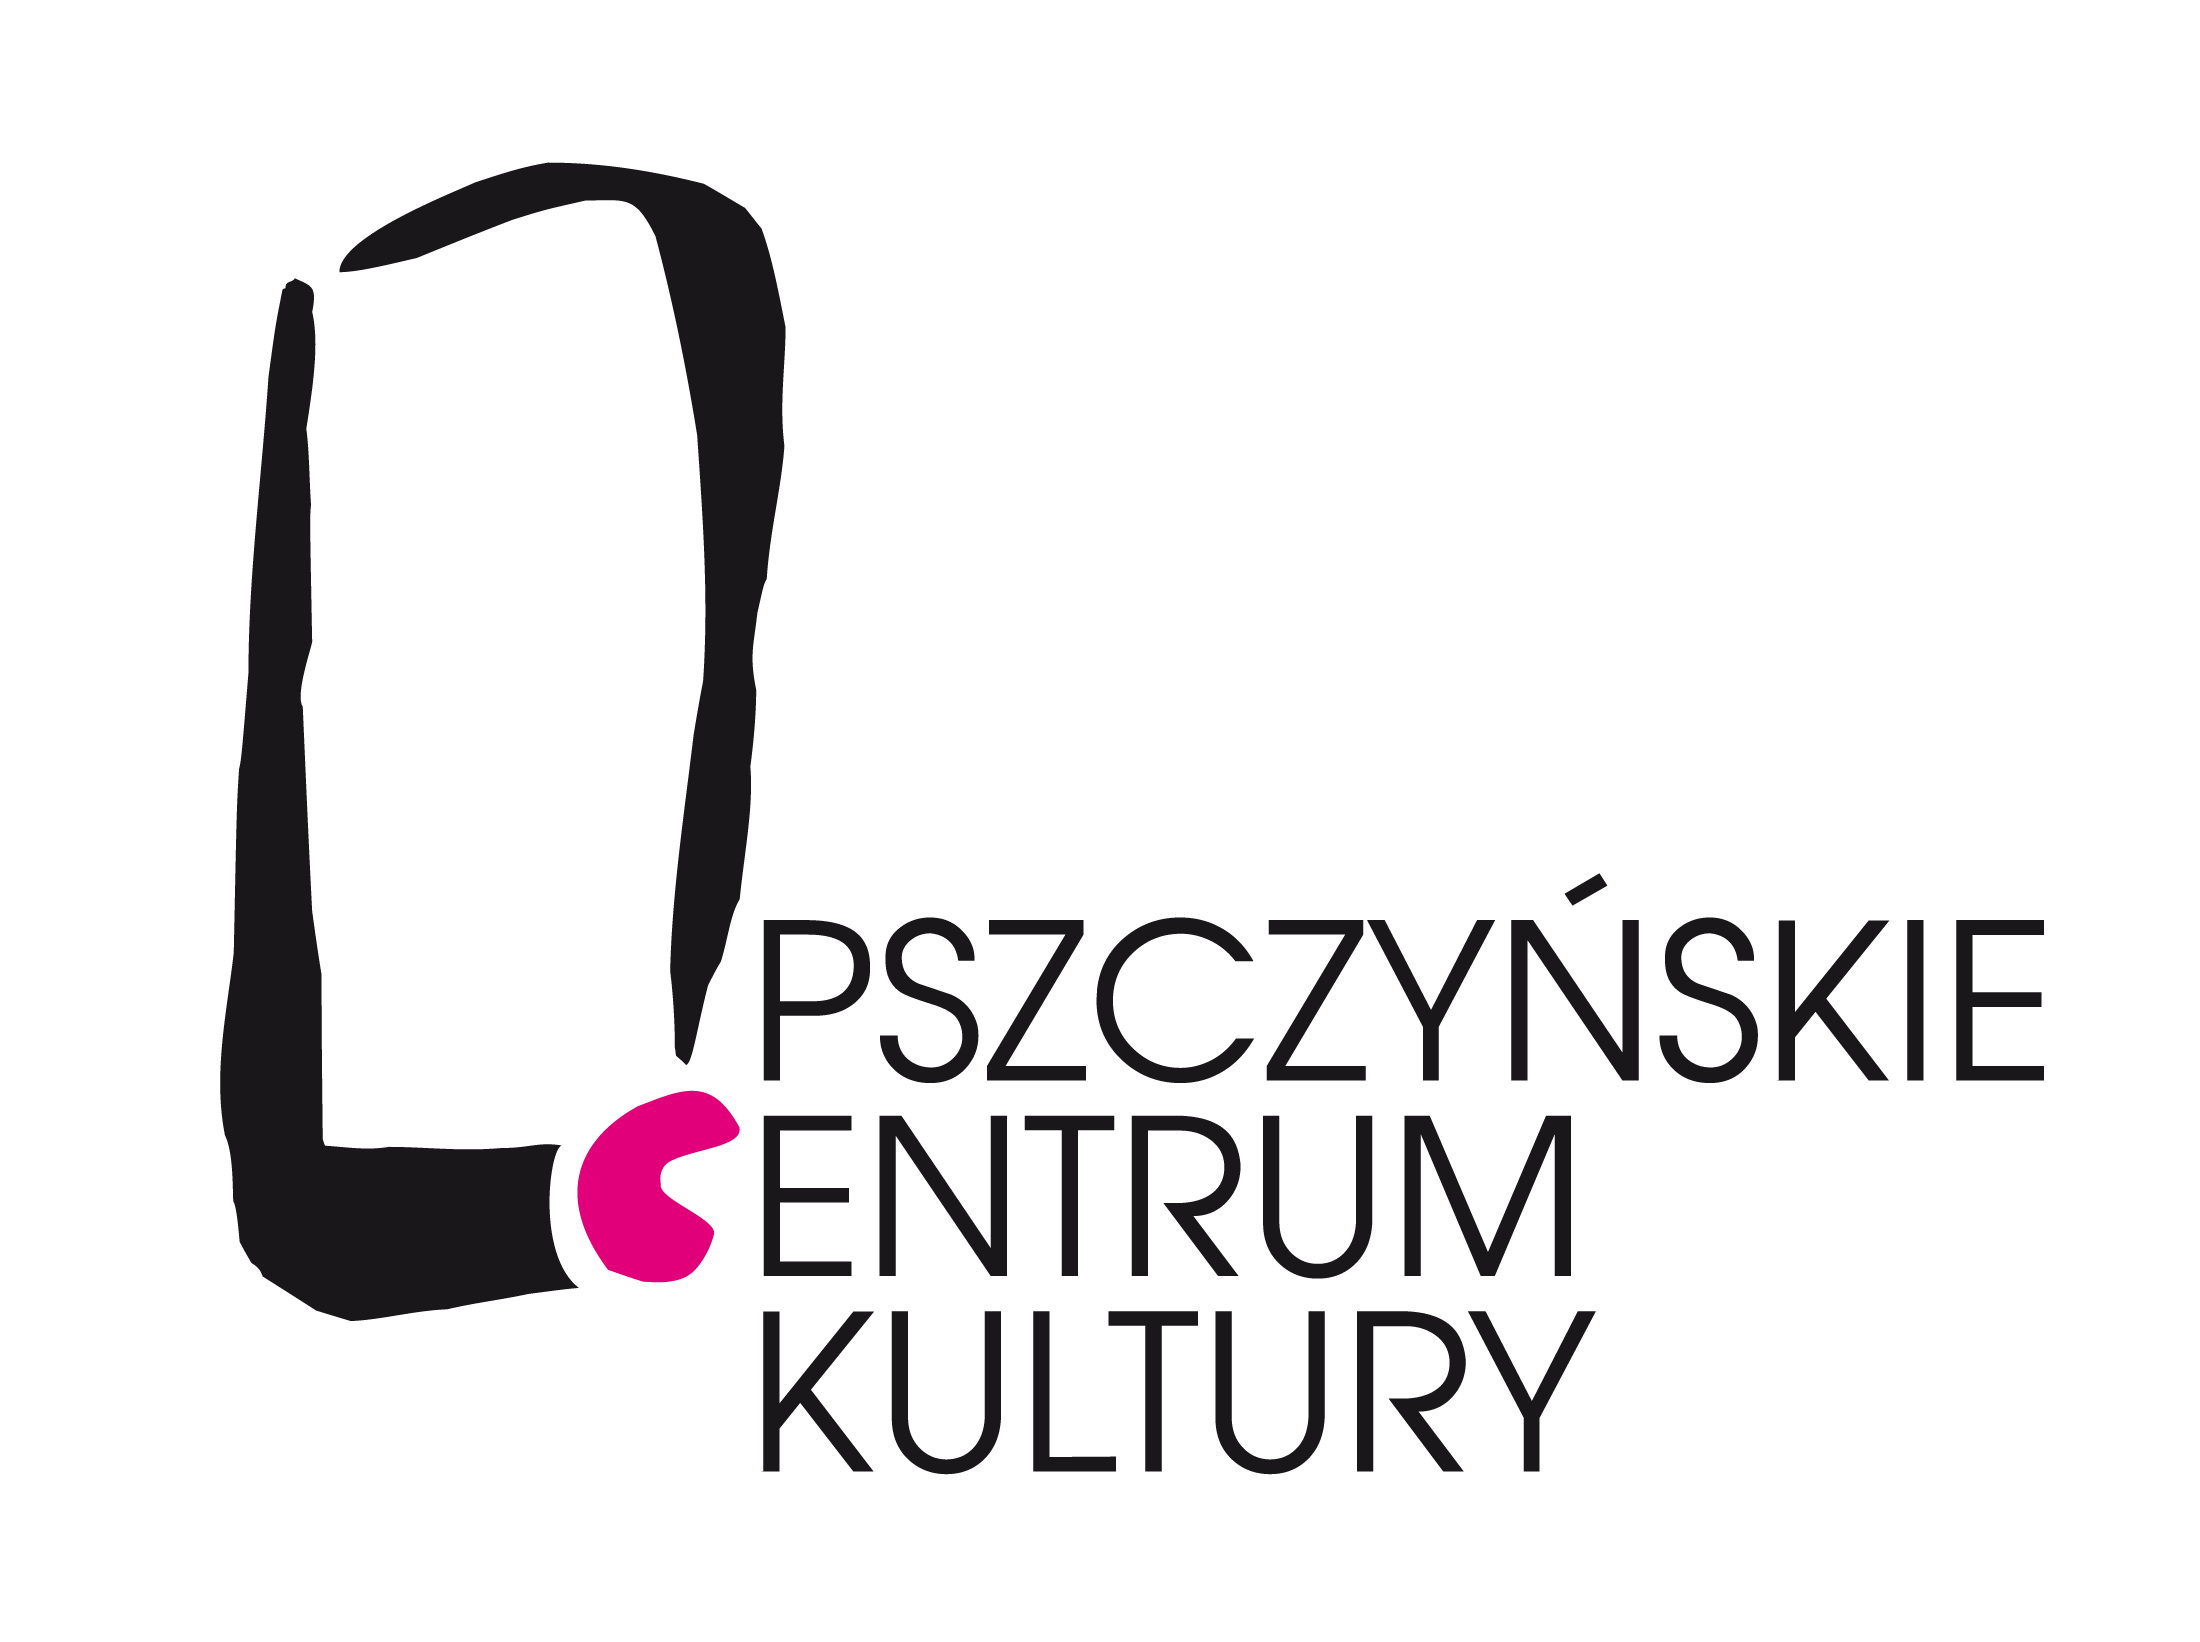 Pszczyńskie Centrum Kultury